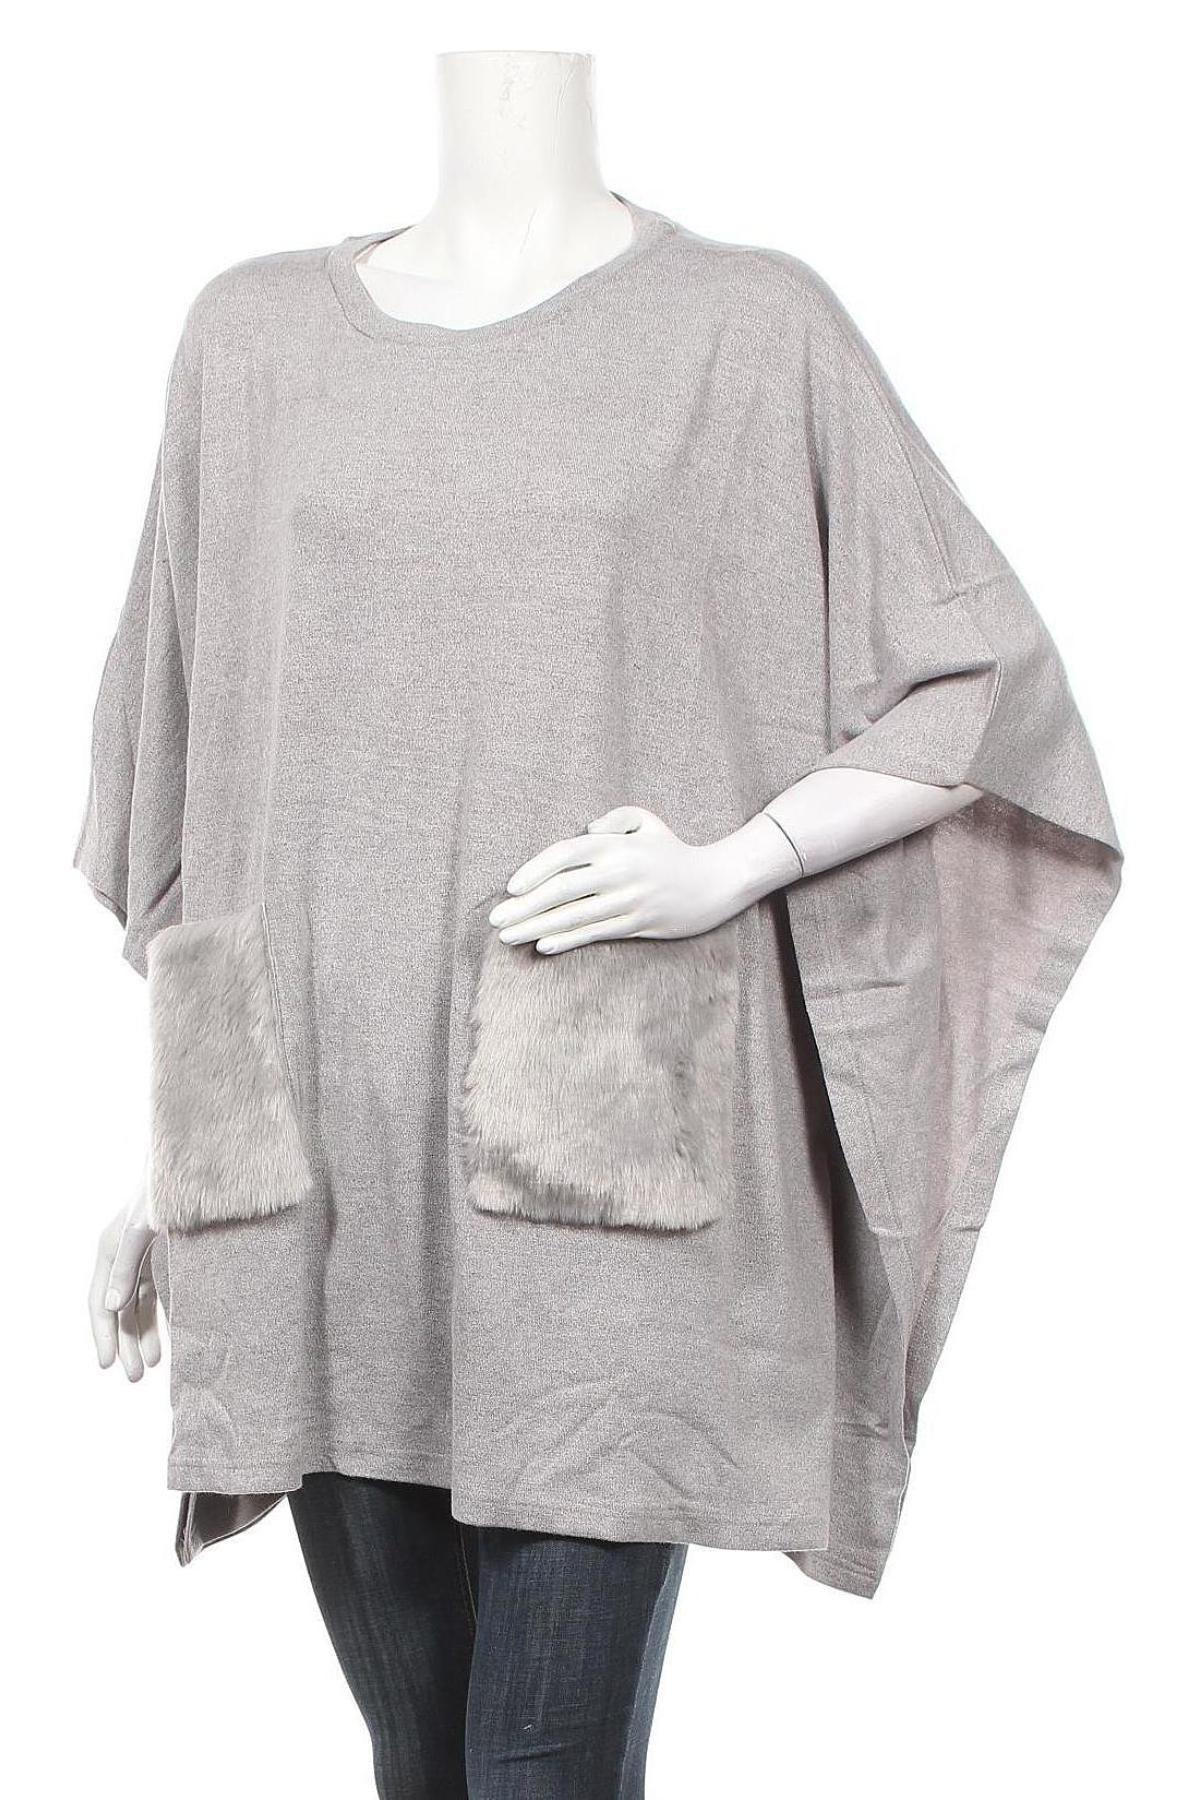 Γυναικείο πουλόβερ Almatrichi, Μέγεθος M, Χρώμα Γκρί, 50% βισκόζη, 50% πολυαμίδη, Τιμή 25,27€